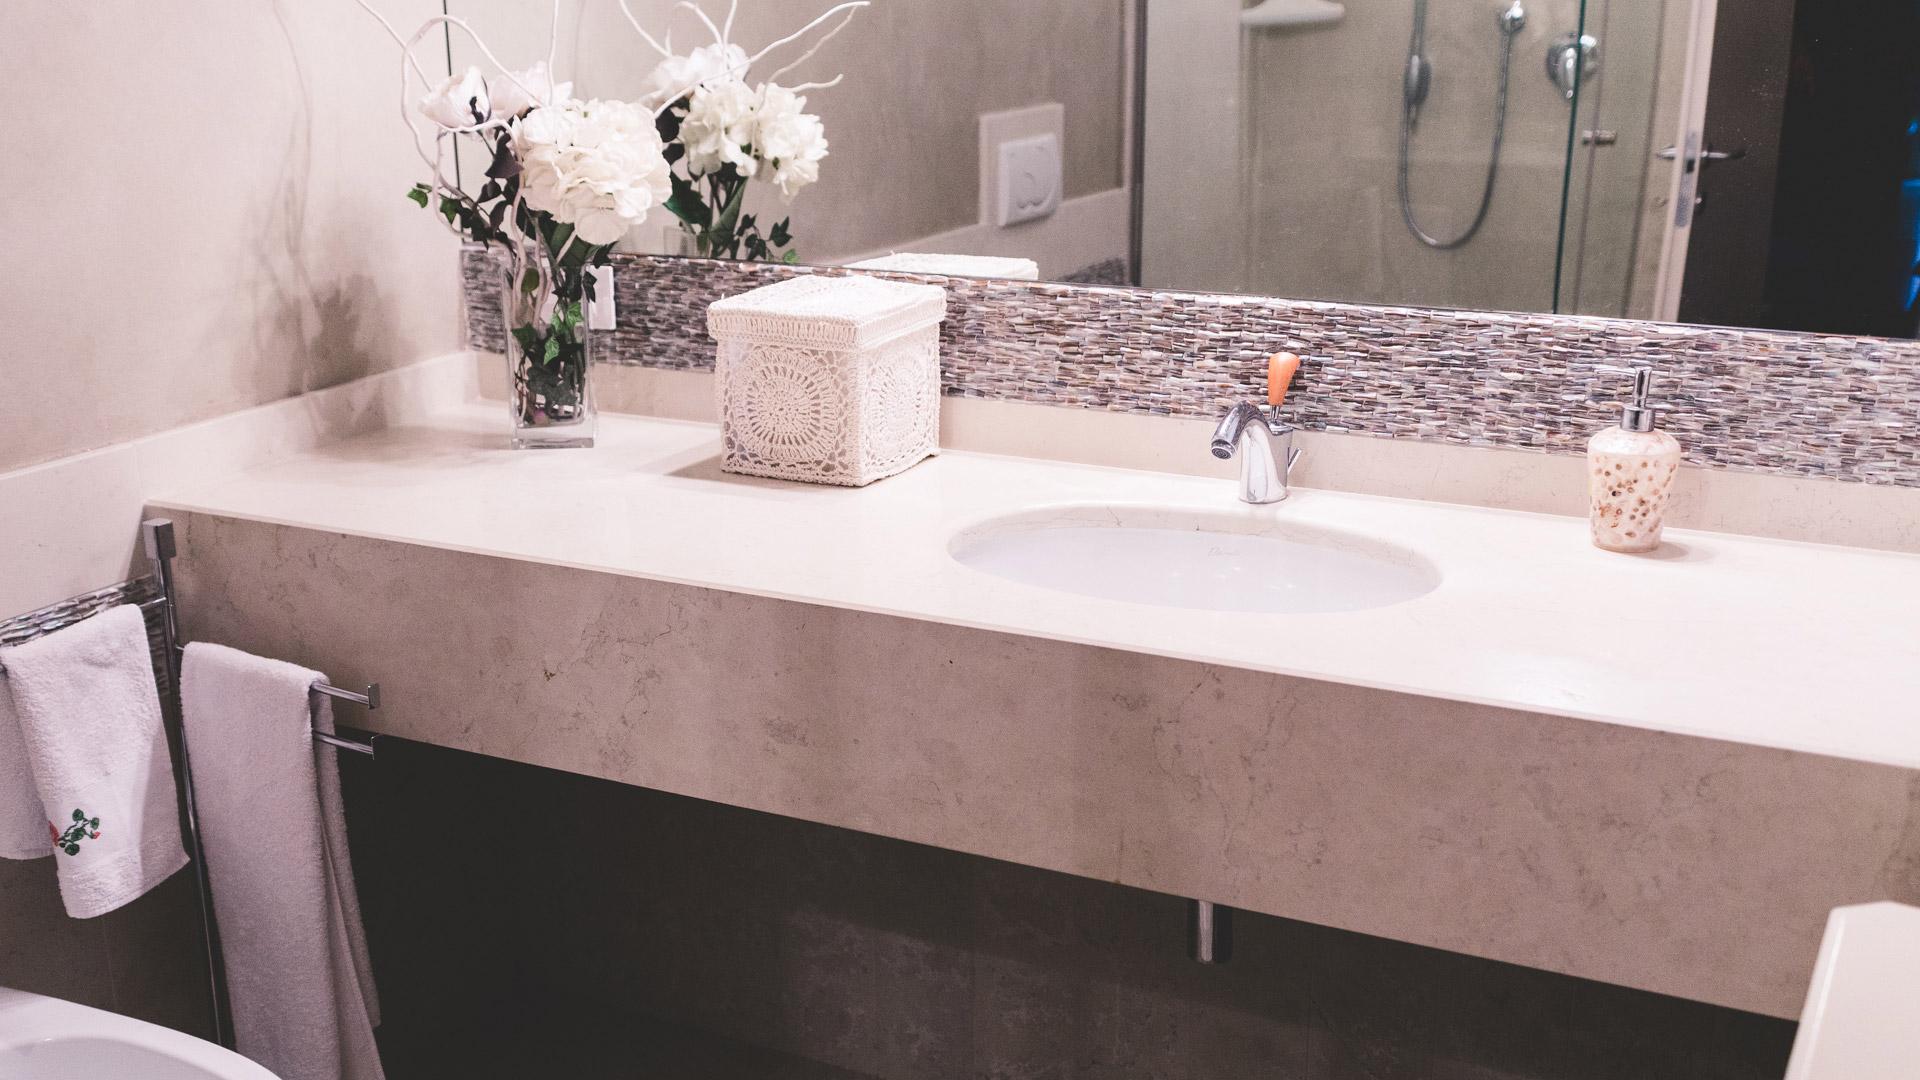 Lavorazione pietra naturale tufo e marmo ronconi bagno in biancone - Bagno in pietra naturale ...